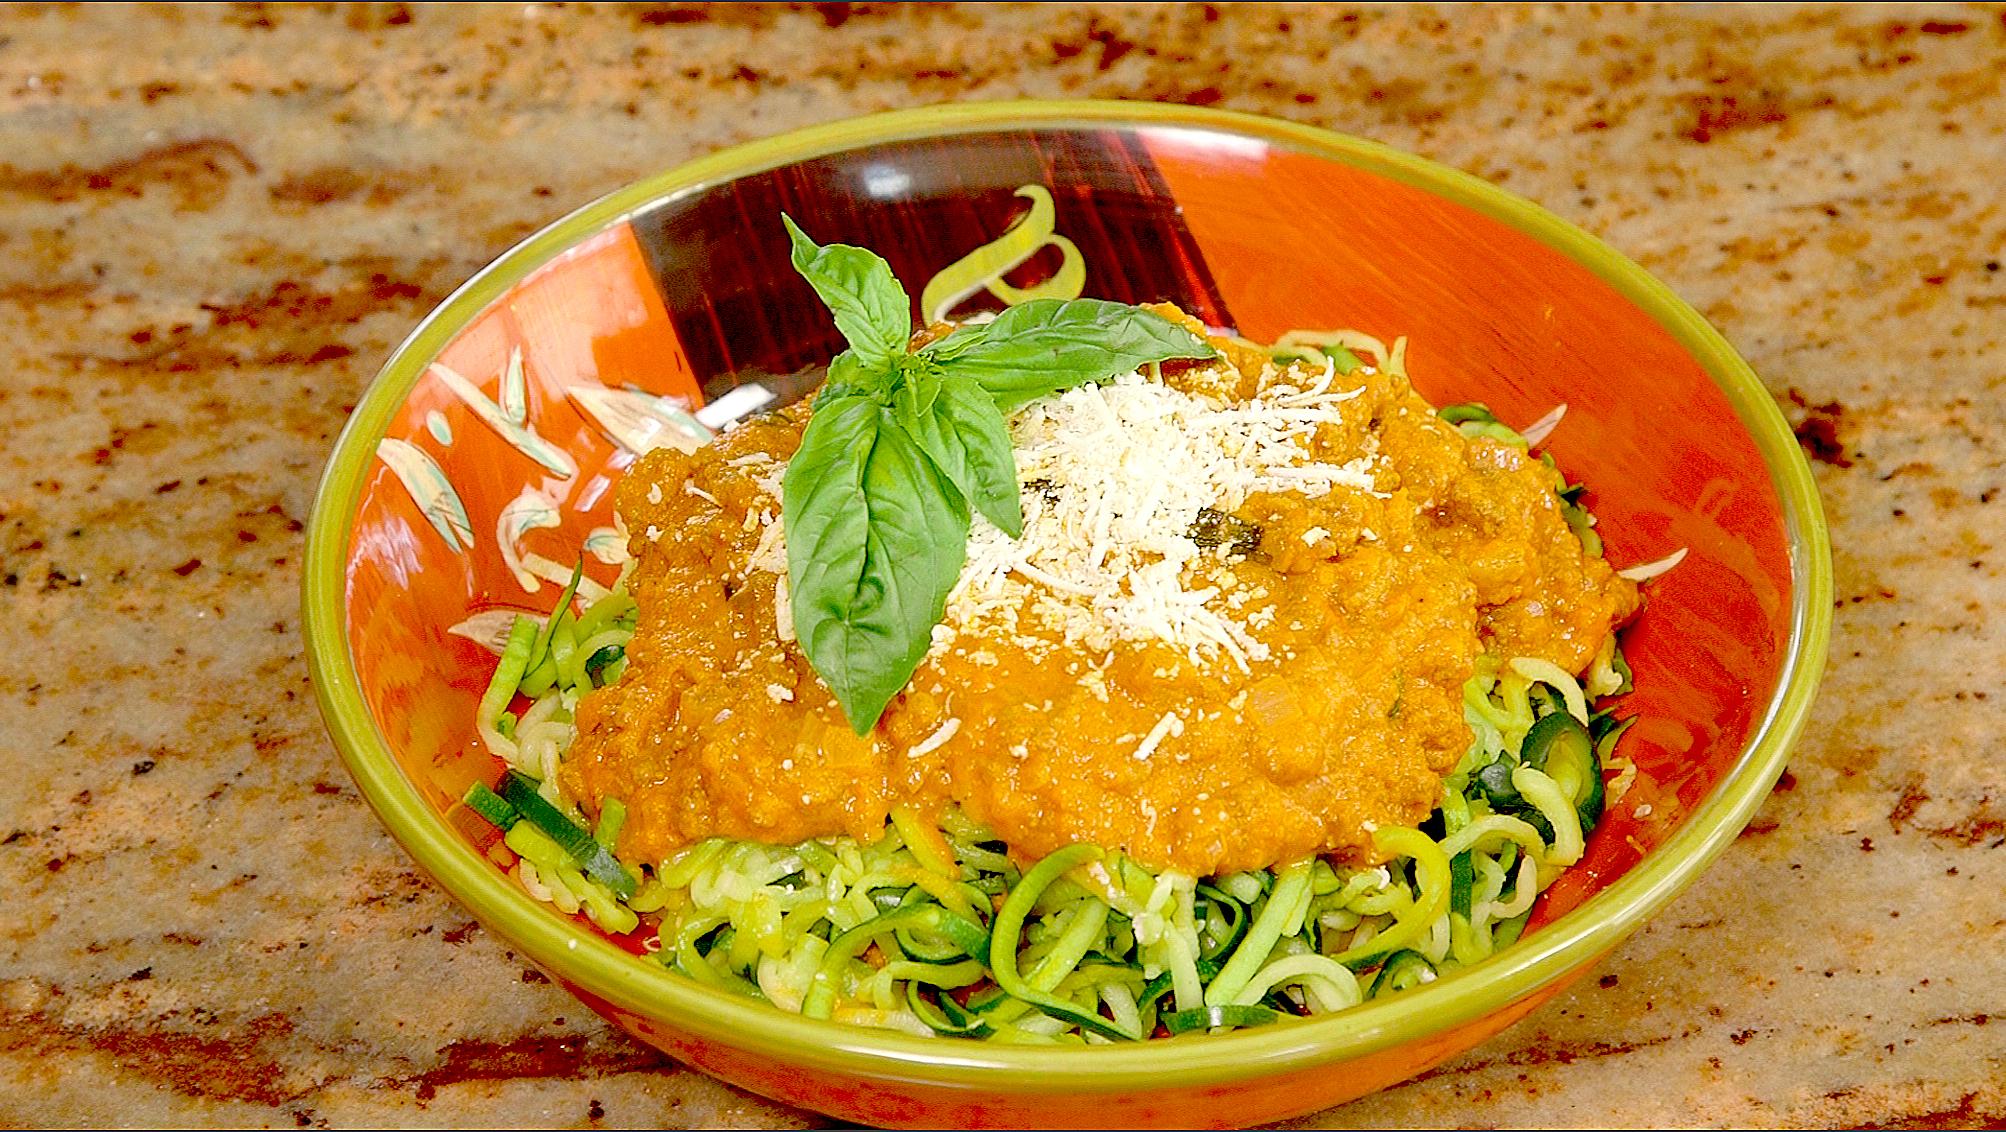 Vinny's Zucchini Noodles